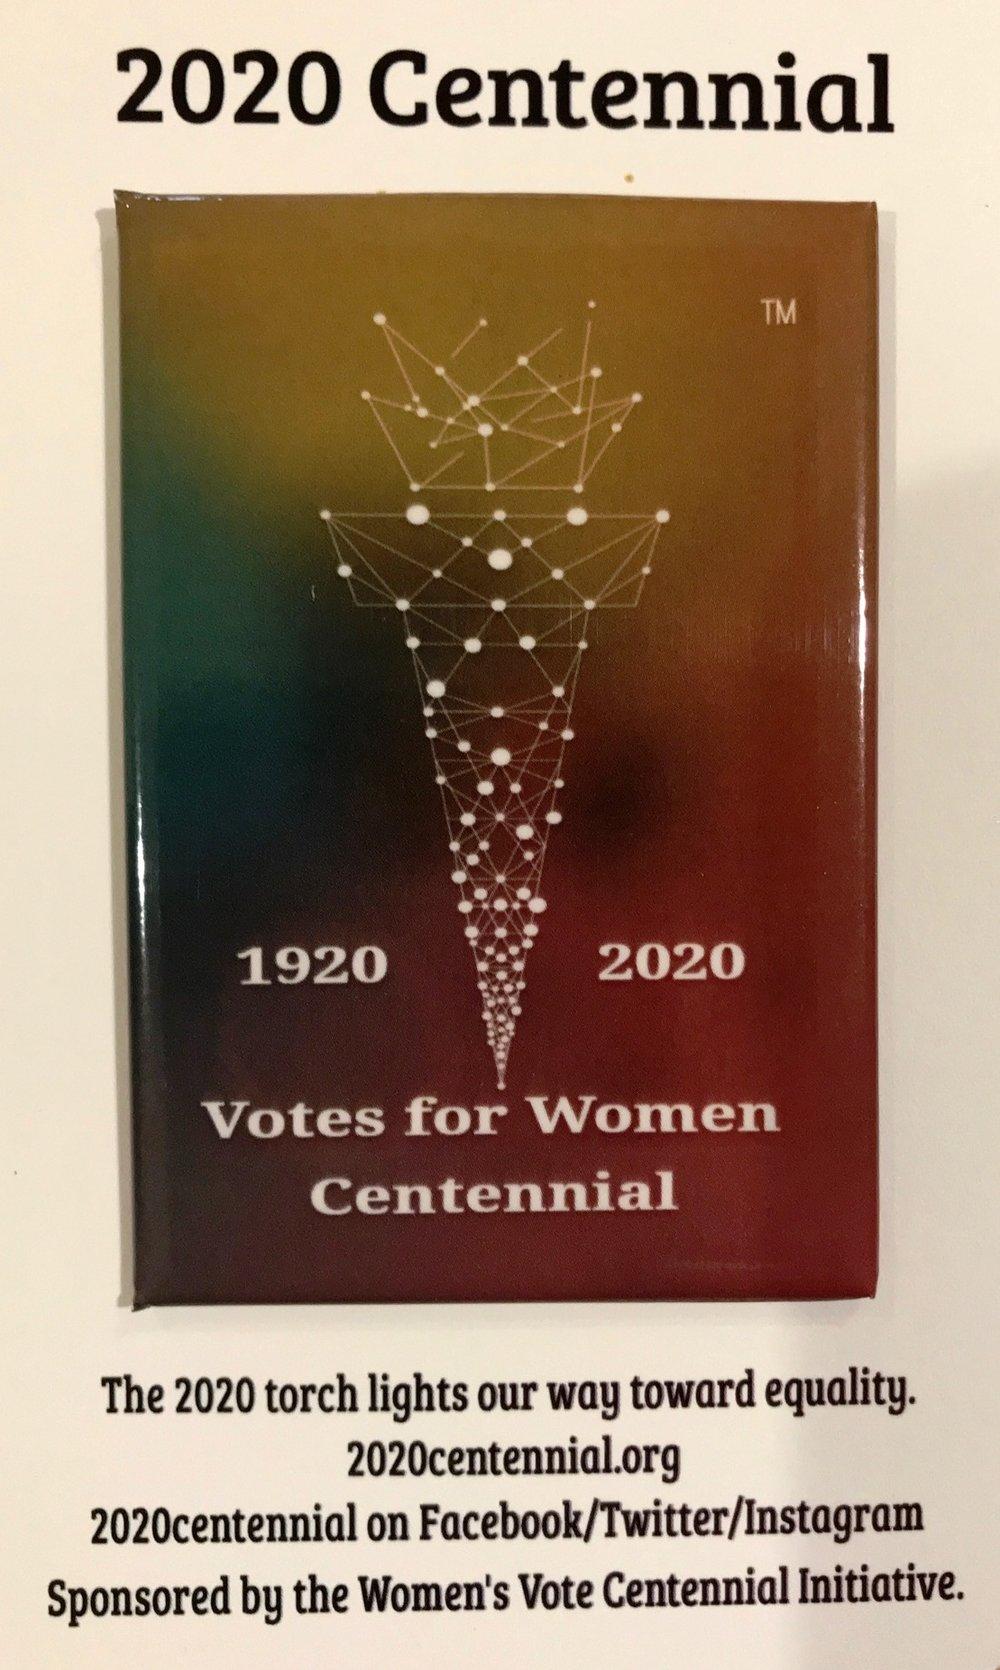 2020 Centennial Pin/Magnet